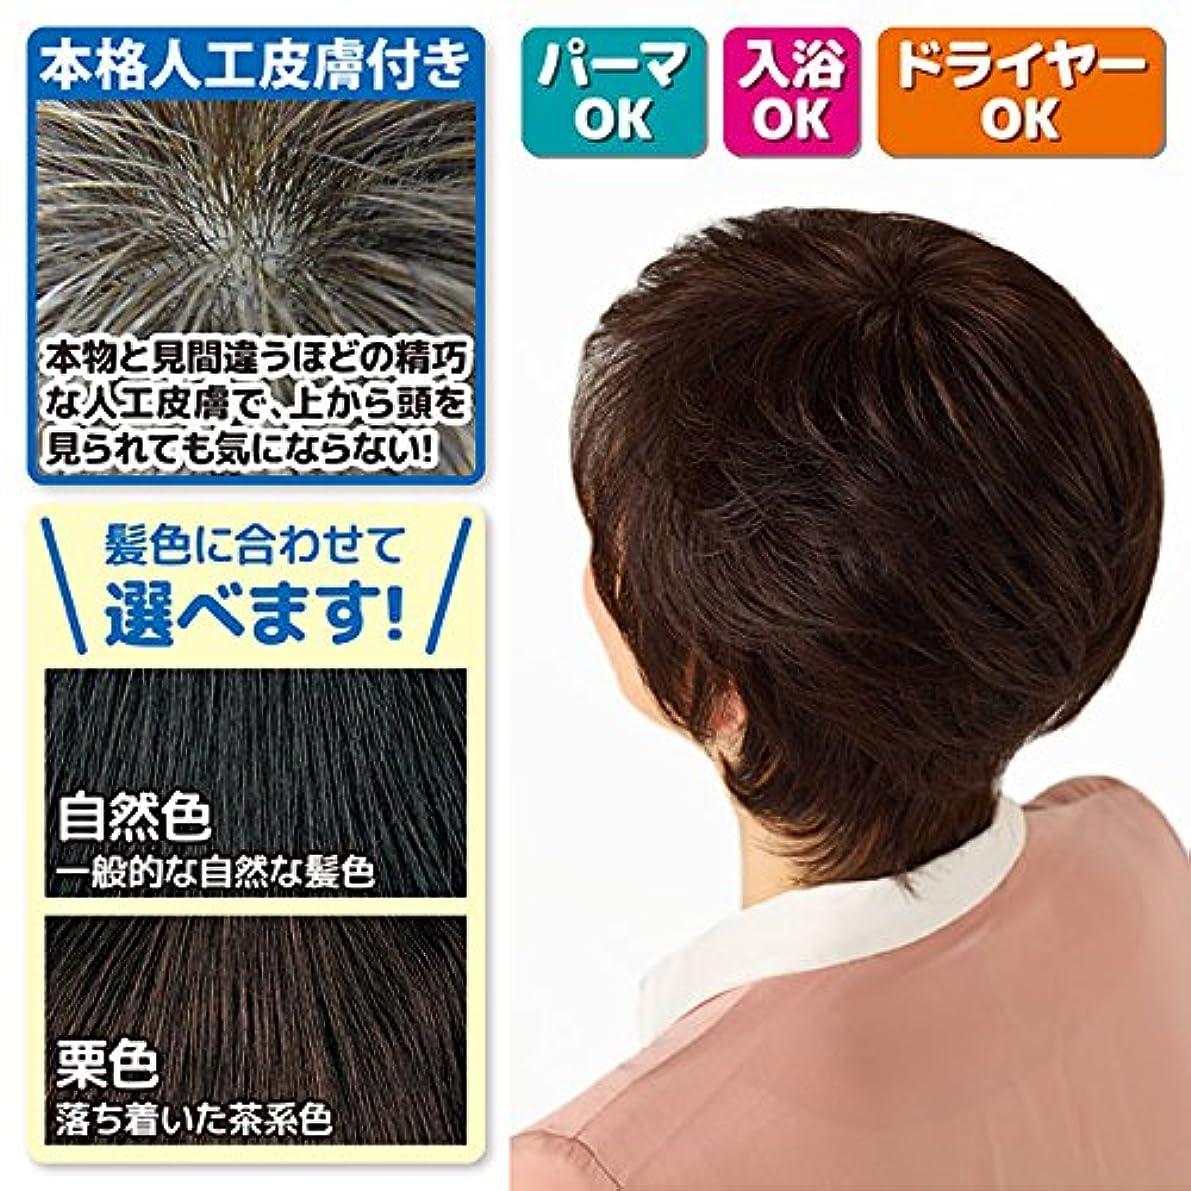 会計大きいシャッフル本格人工皮膚付き つむじ用?部分かつら (人毛100%) カラー:栗色